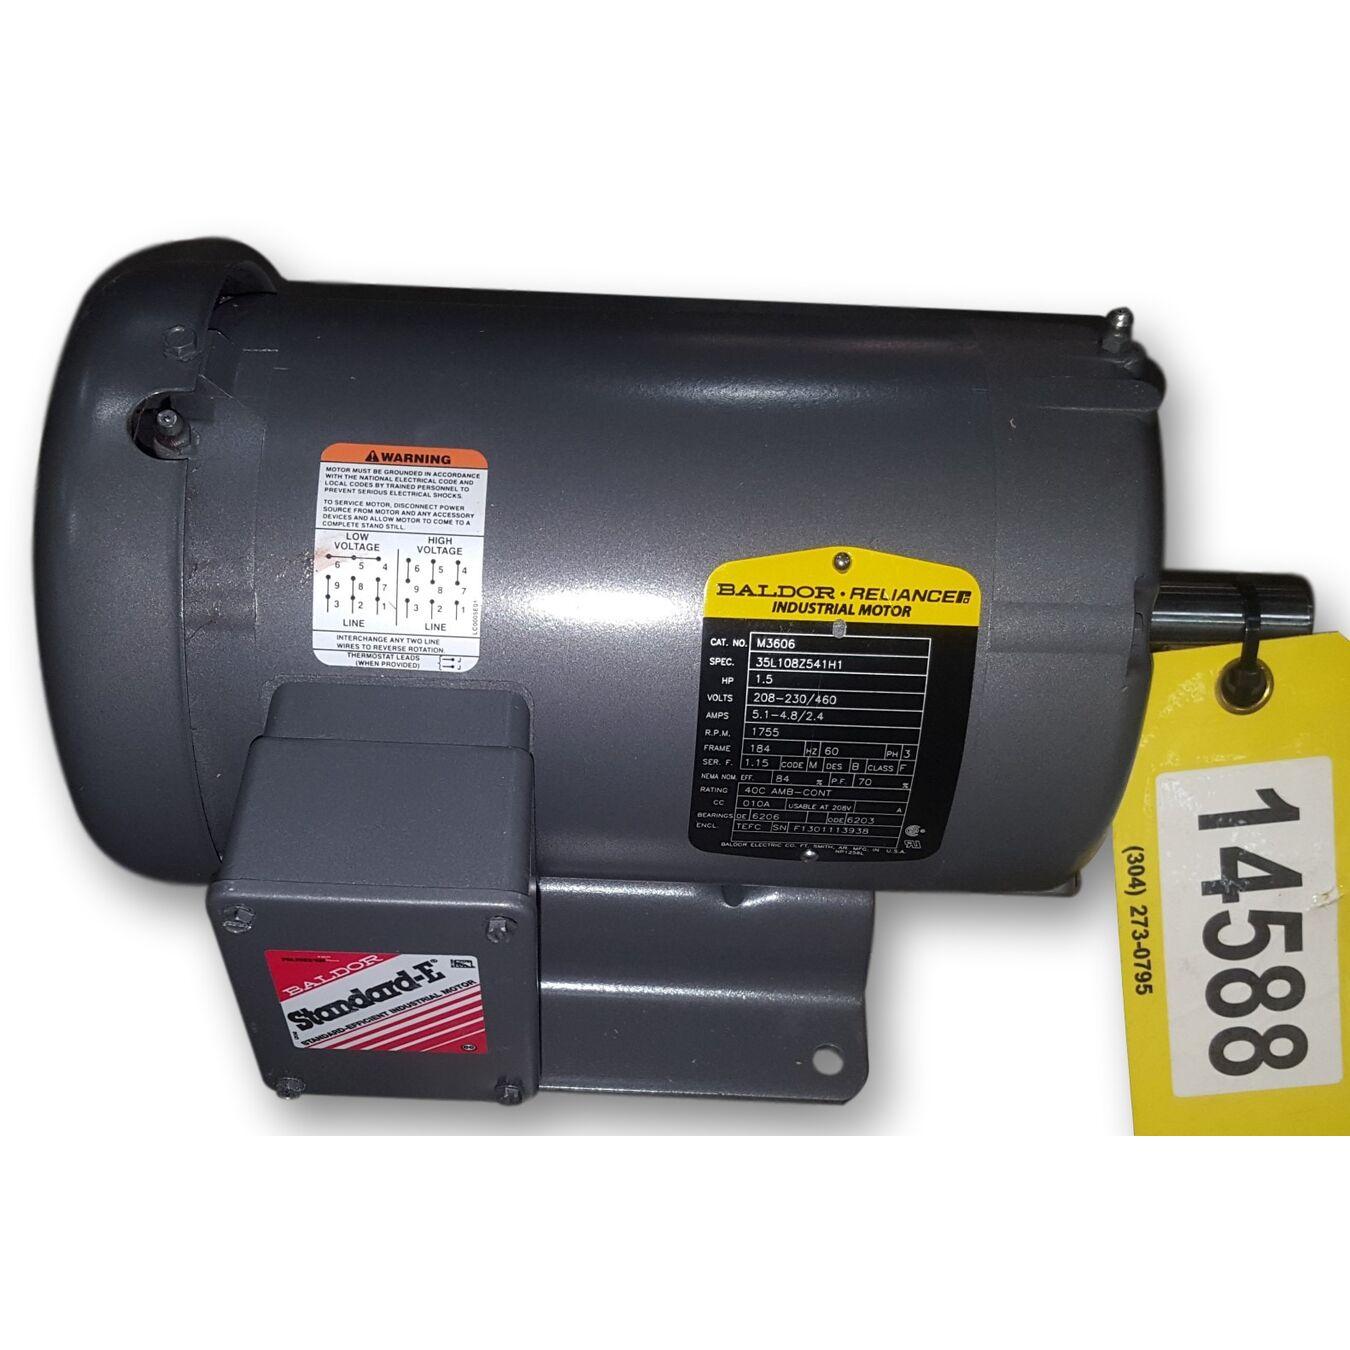 Unused 1 5 hp baldor ac motor 184 frame 1755 rpm for Baldor 1 5 hp motor